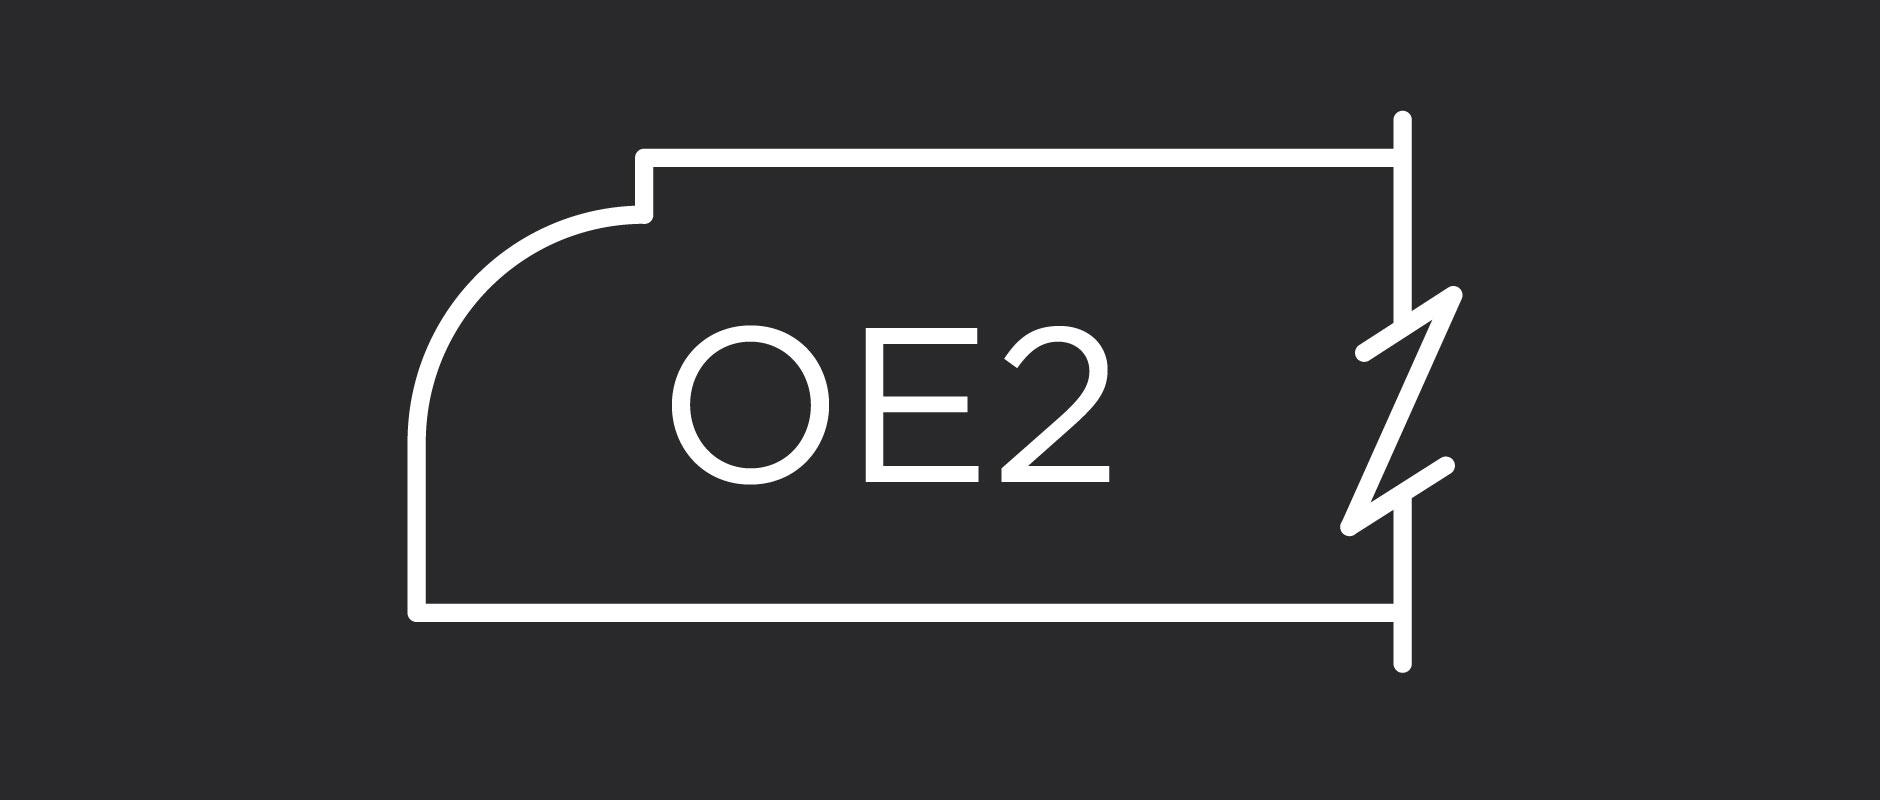 OE2 Outside Edge Profile